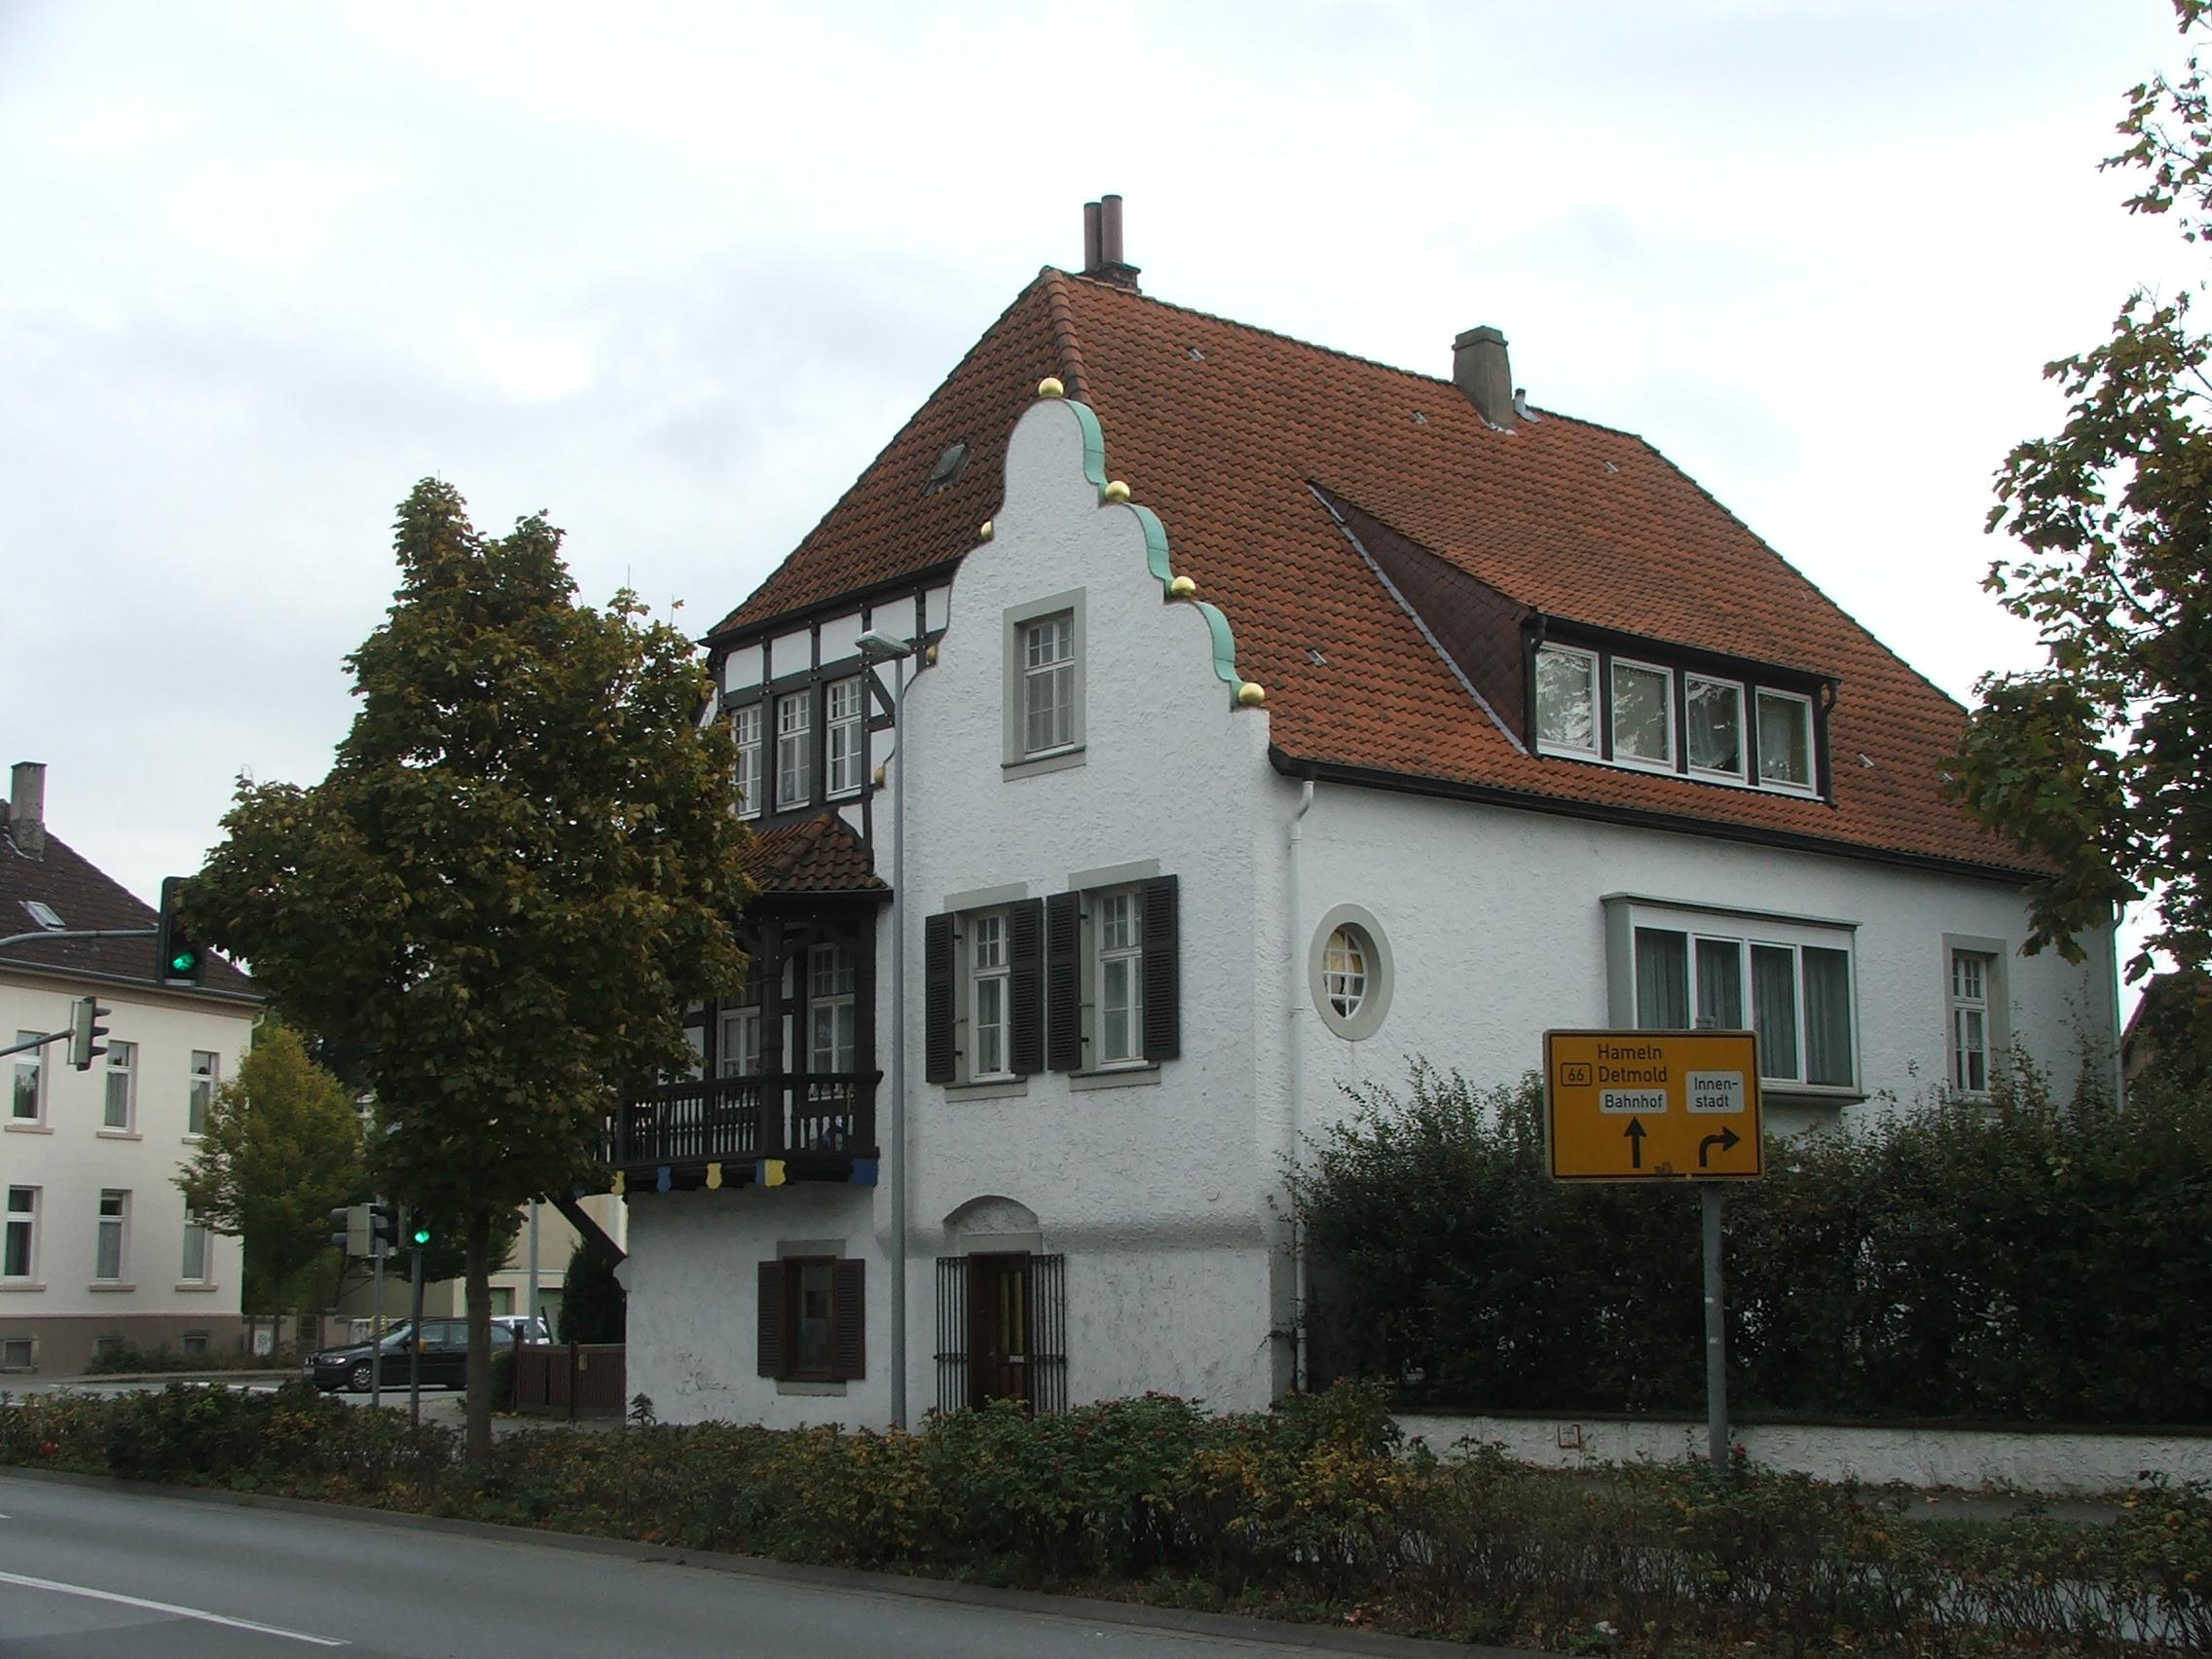 Haus Grotebrune